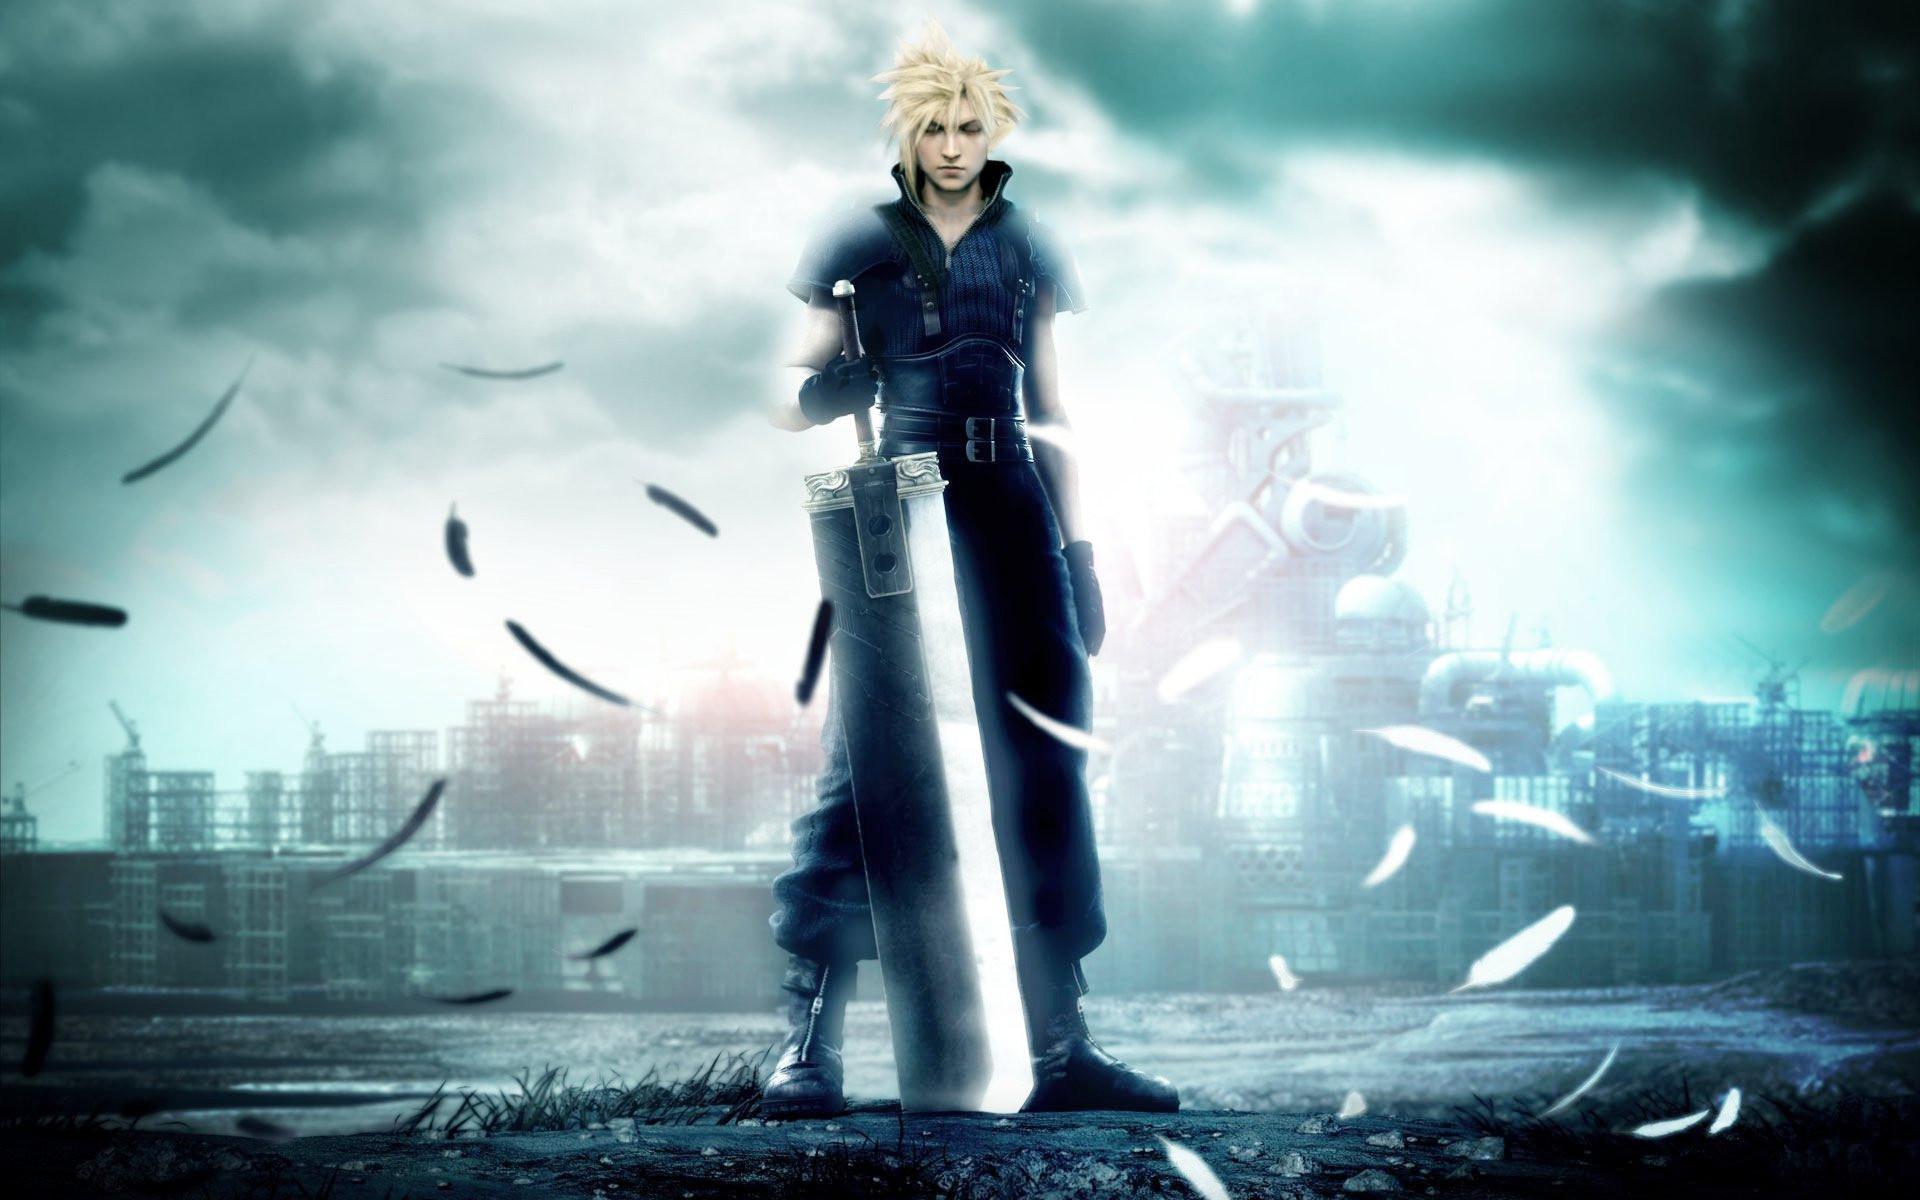 Final fantasy shinra